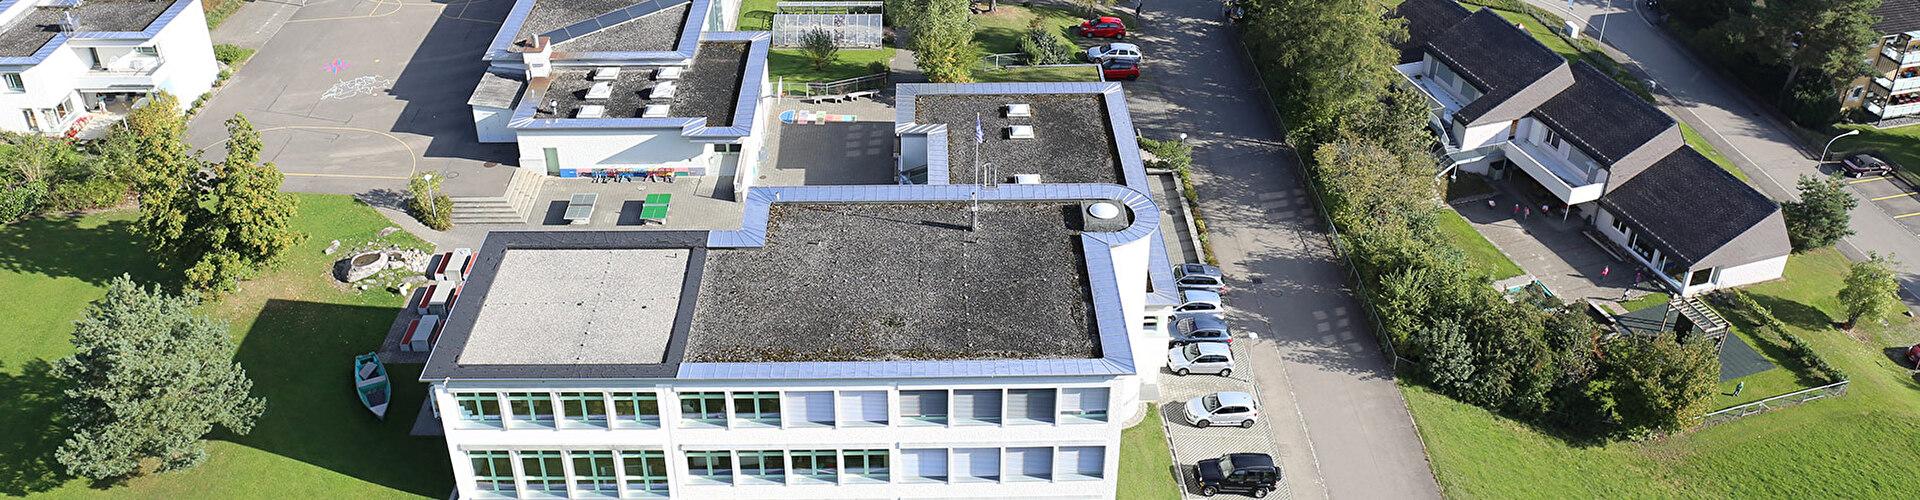 Schule Esslingen